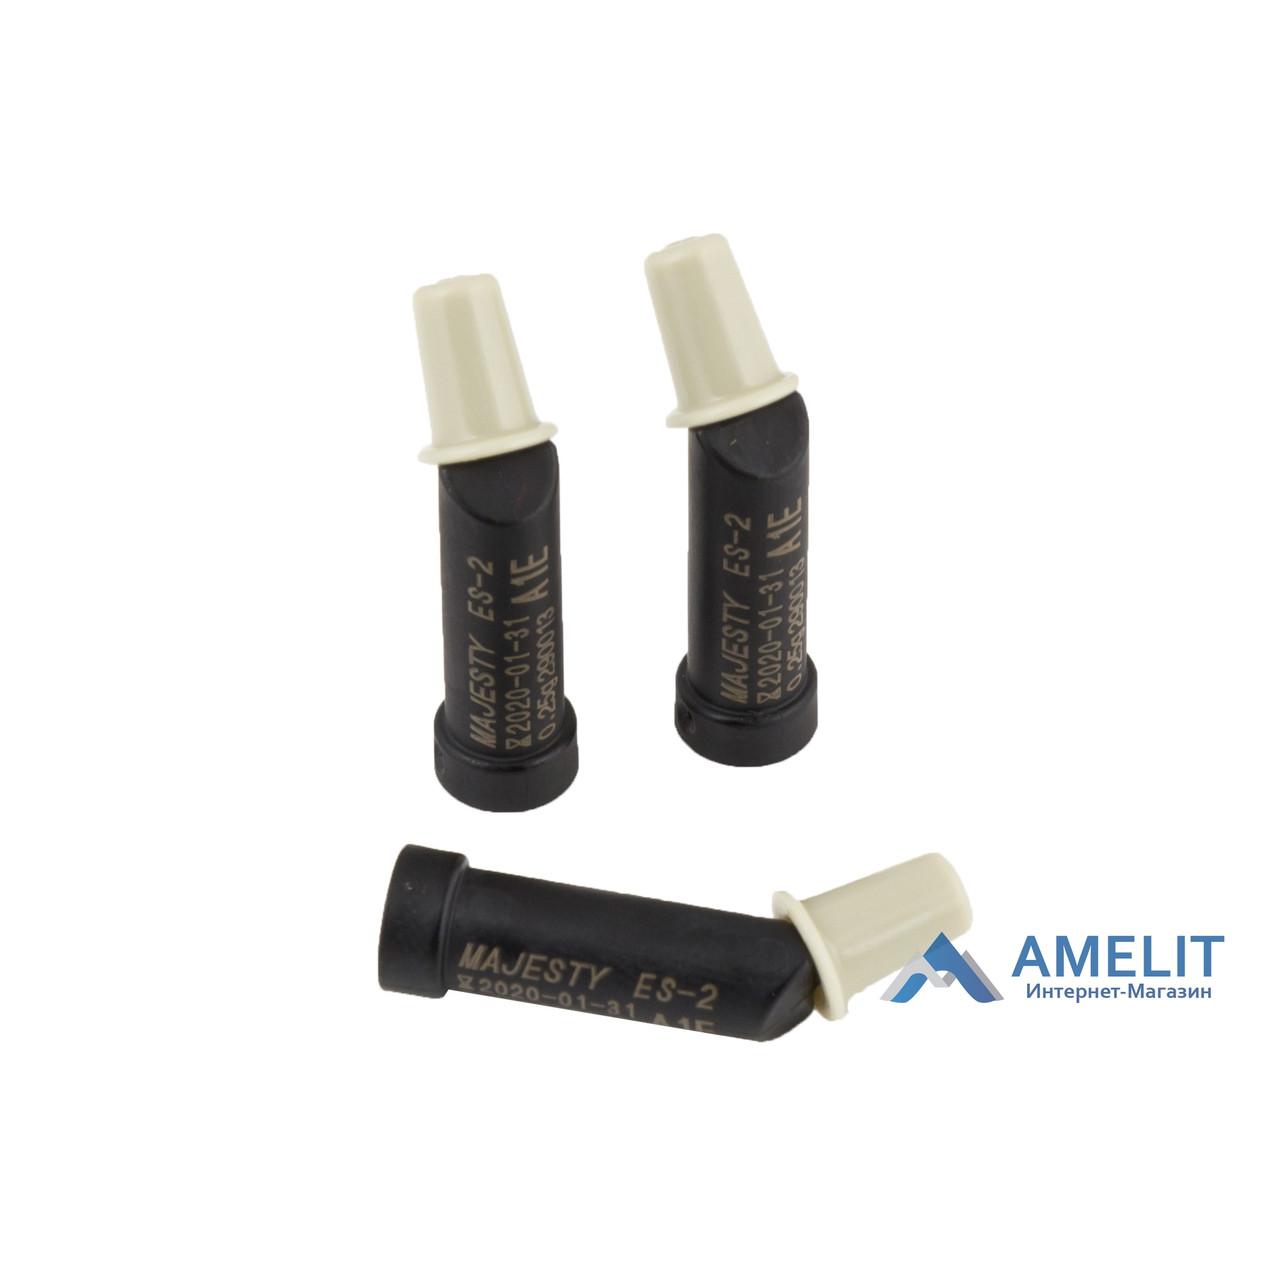 Клирфил Меджести ЄС-2 Преміум (Clearfil Majesty ES-2 Premium, Kuraray Noritake Dental Inc.), канюля 0,25 г